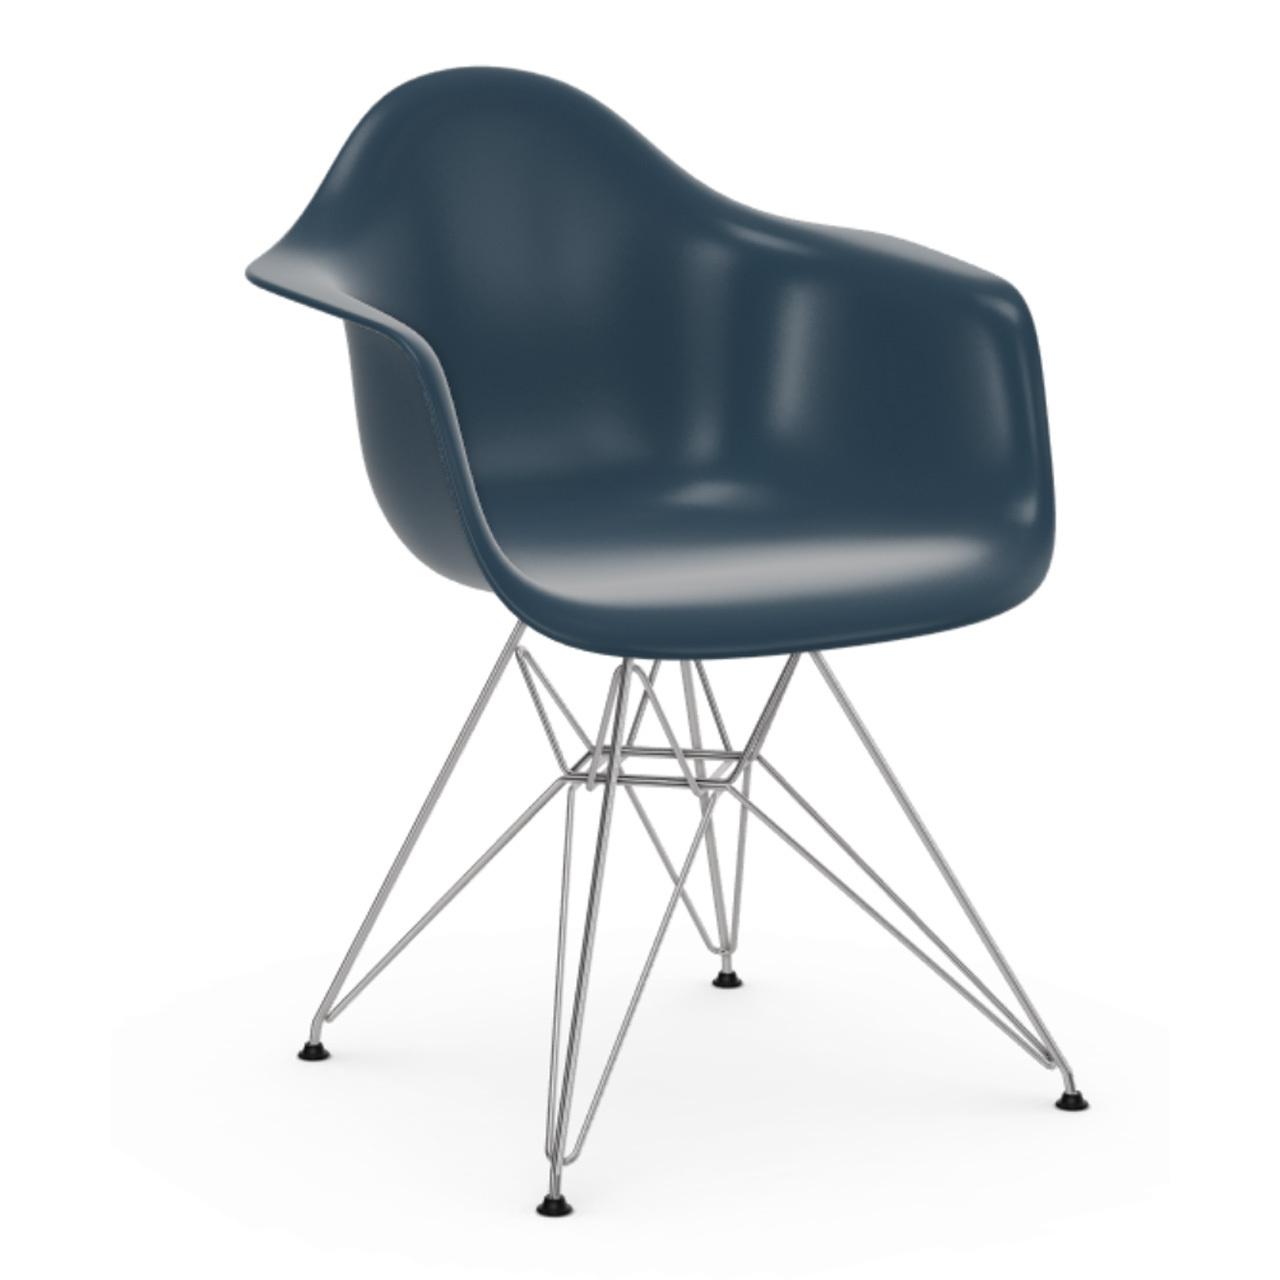 Vitra Eames Plastic Armchair ohne Polster  Drahtuntergestell glanzchrom / 01,  Meeresblau / 83,  Schwarzer Gleiter für Teppichböden